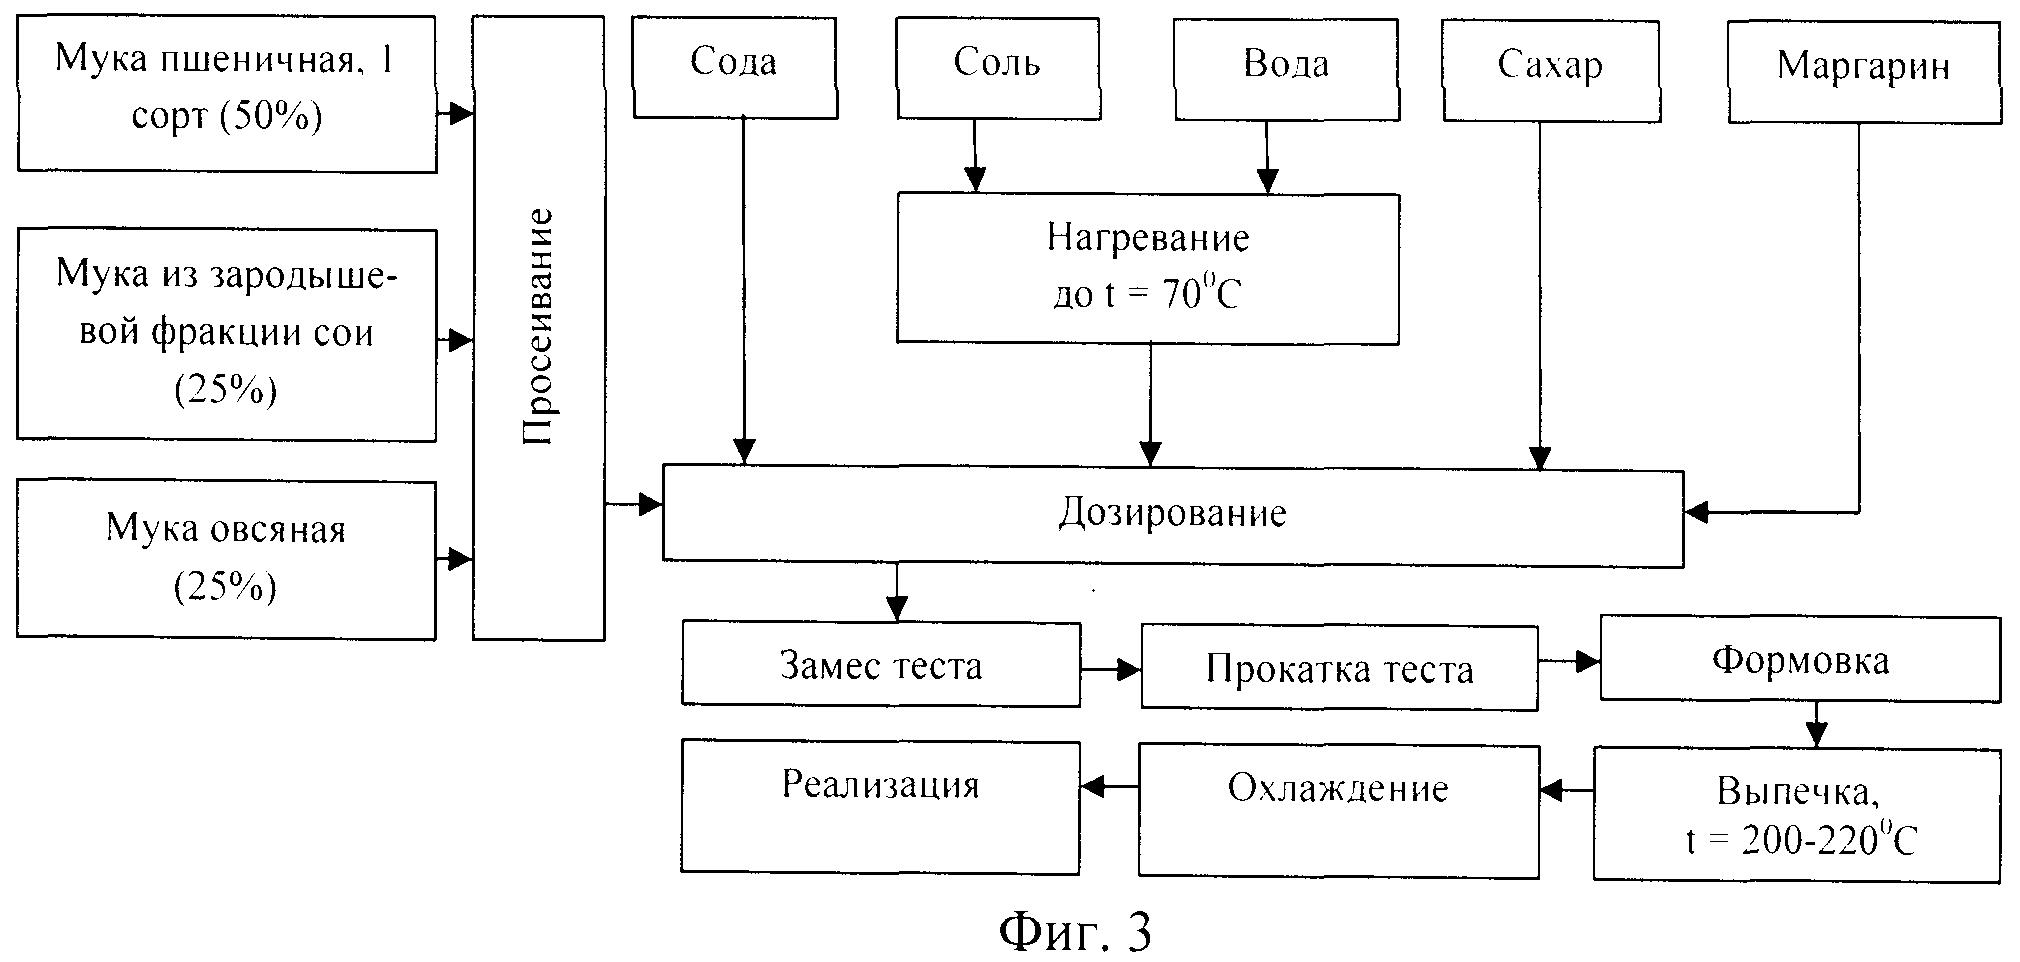 Способ получения хлебобулочных и мучных кондитерских изделий функциональной направленности